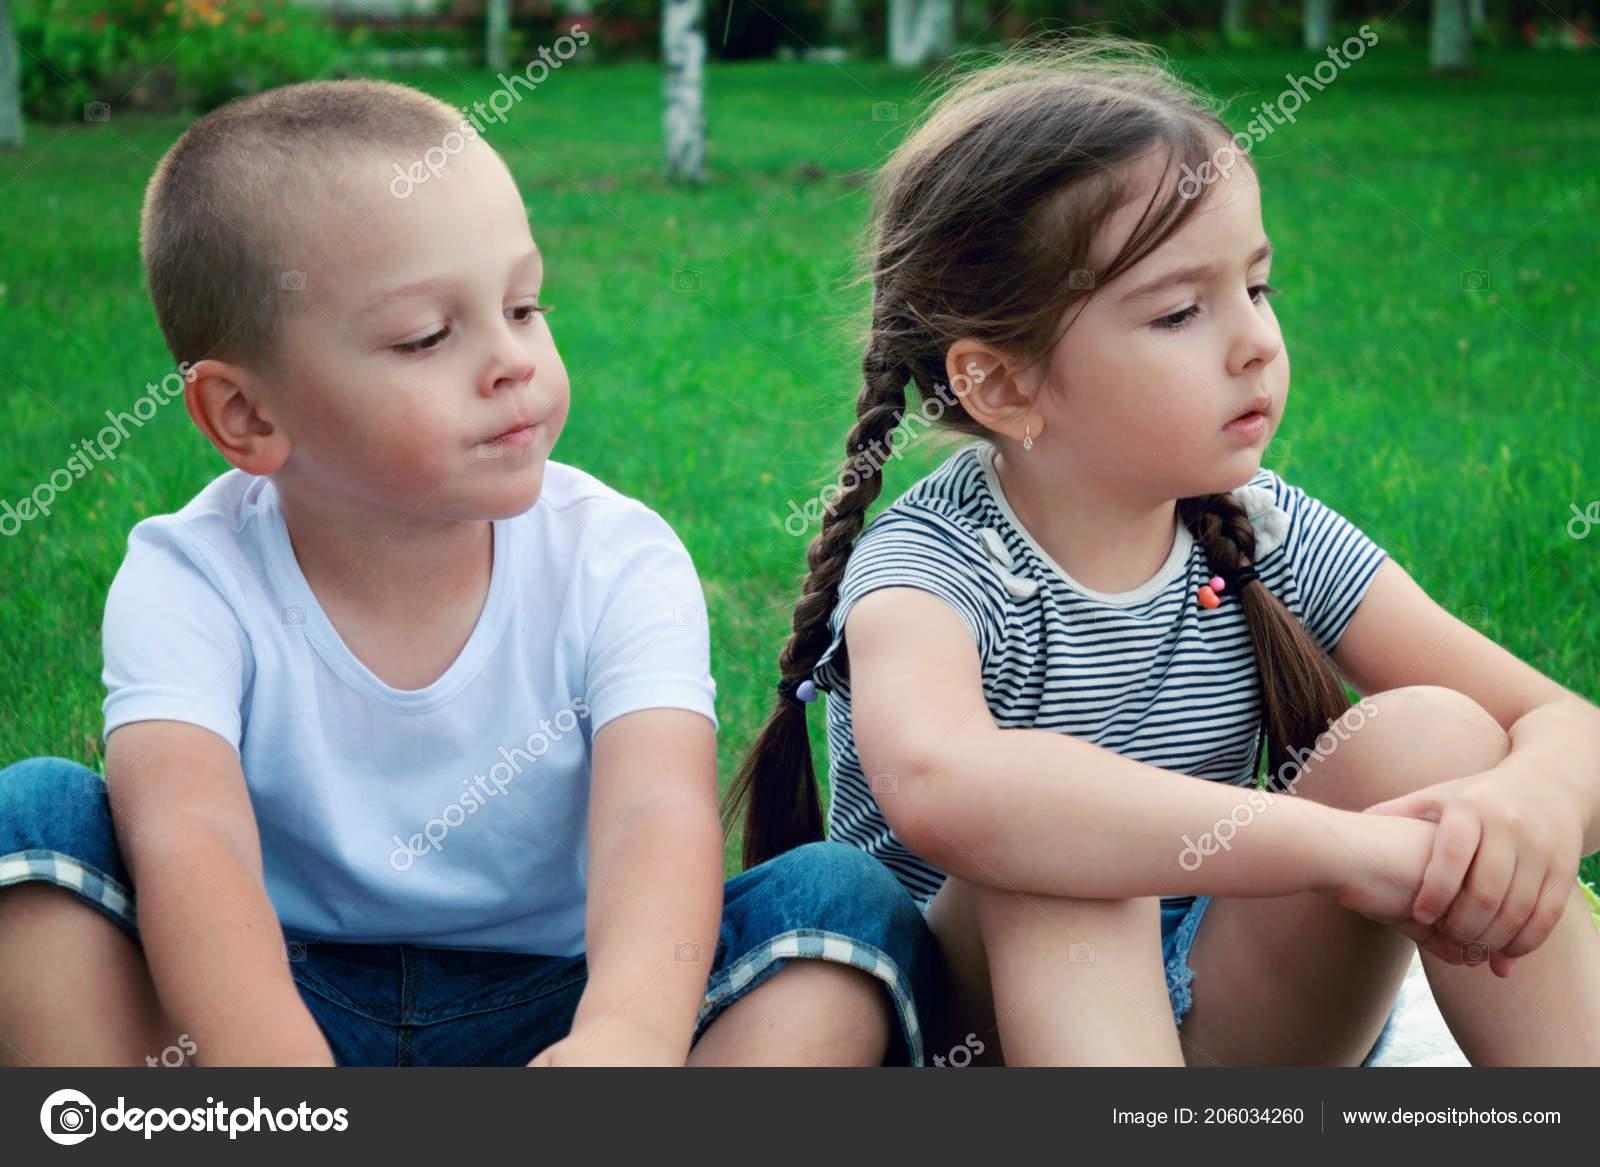 afd63f00dd0 Παιδιά Αγόρι Και Κορίτσι Συνεδρίαση Για Γρασίδι Καλοκαίρι ...